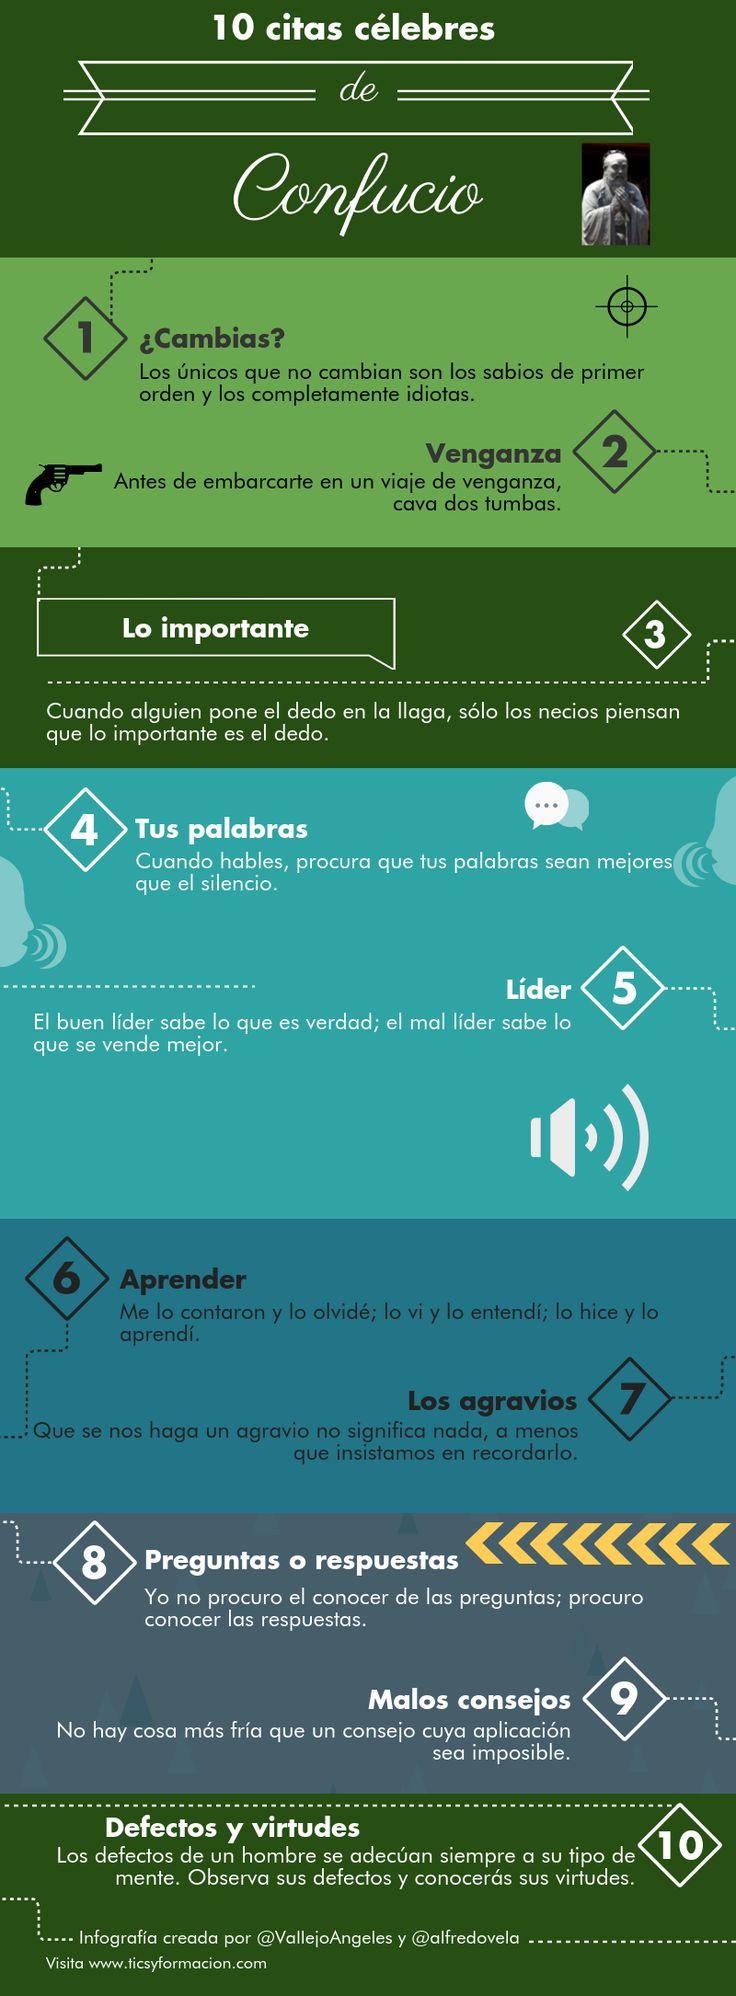 10 citas célebres de Confucio #infografia #infographic #citas #quotes   TICs y Formación